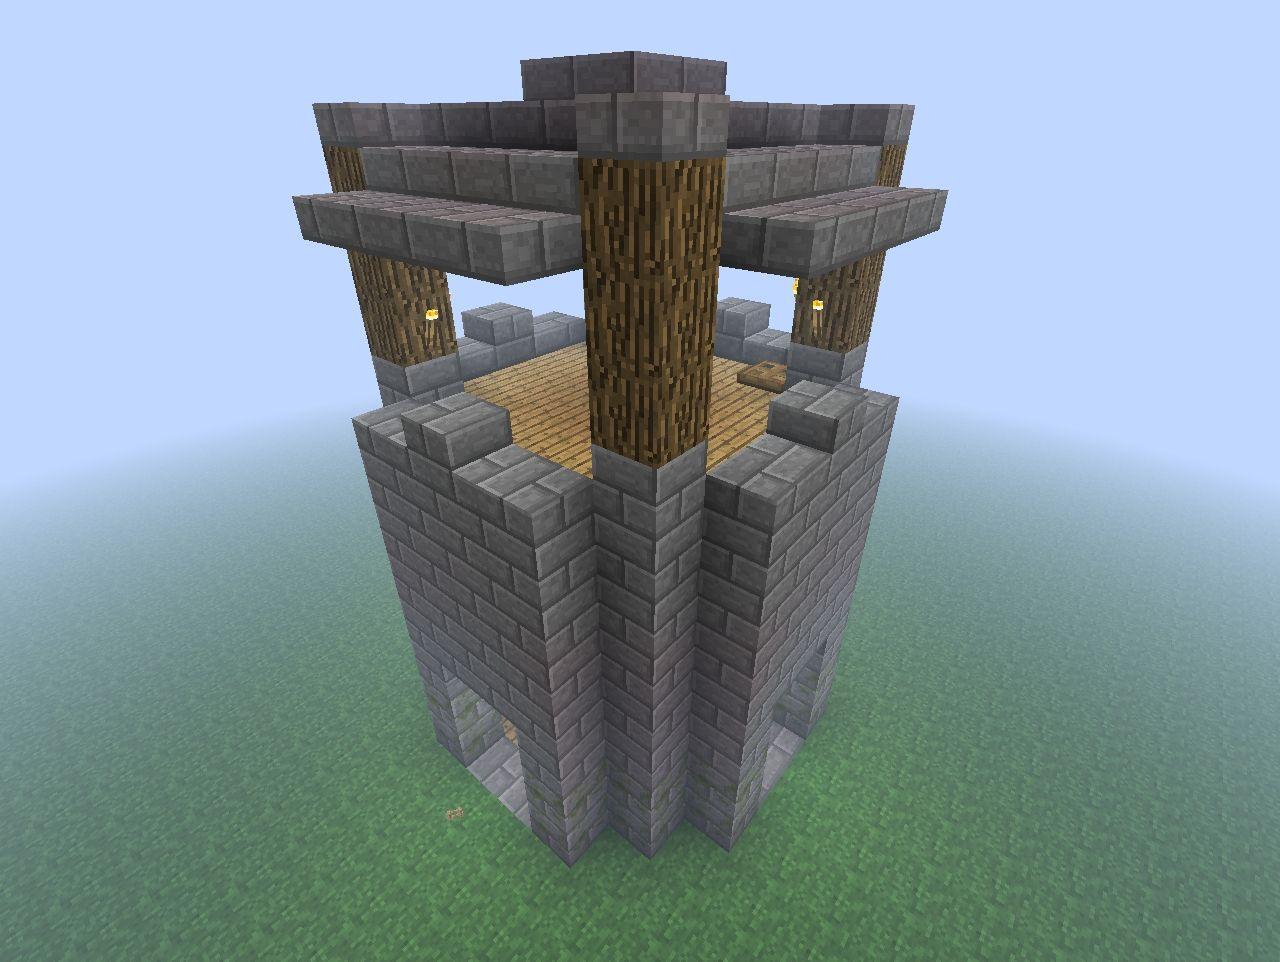 Airport for Minecraft 1.7.4/1.7.2/1.6.4/1.5.2 - Azminecraft.info